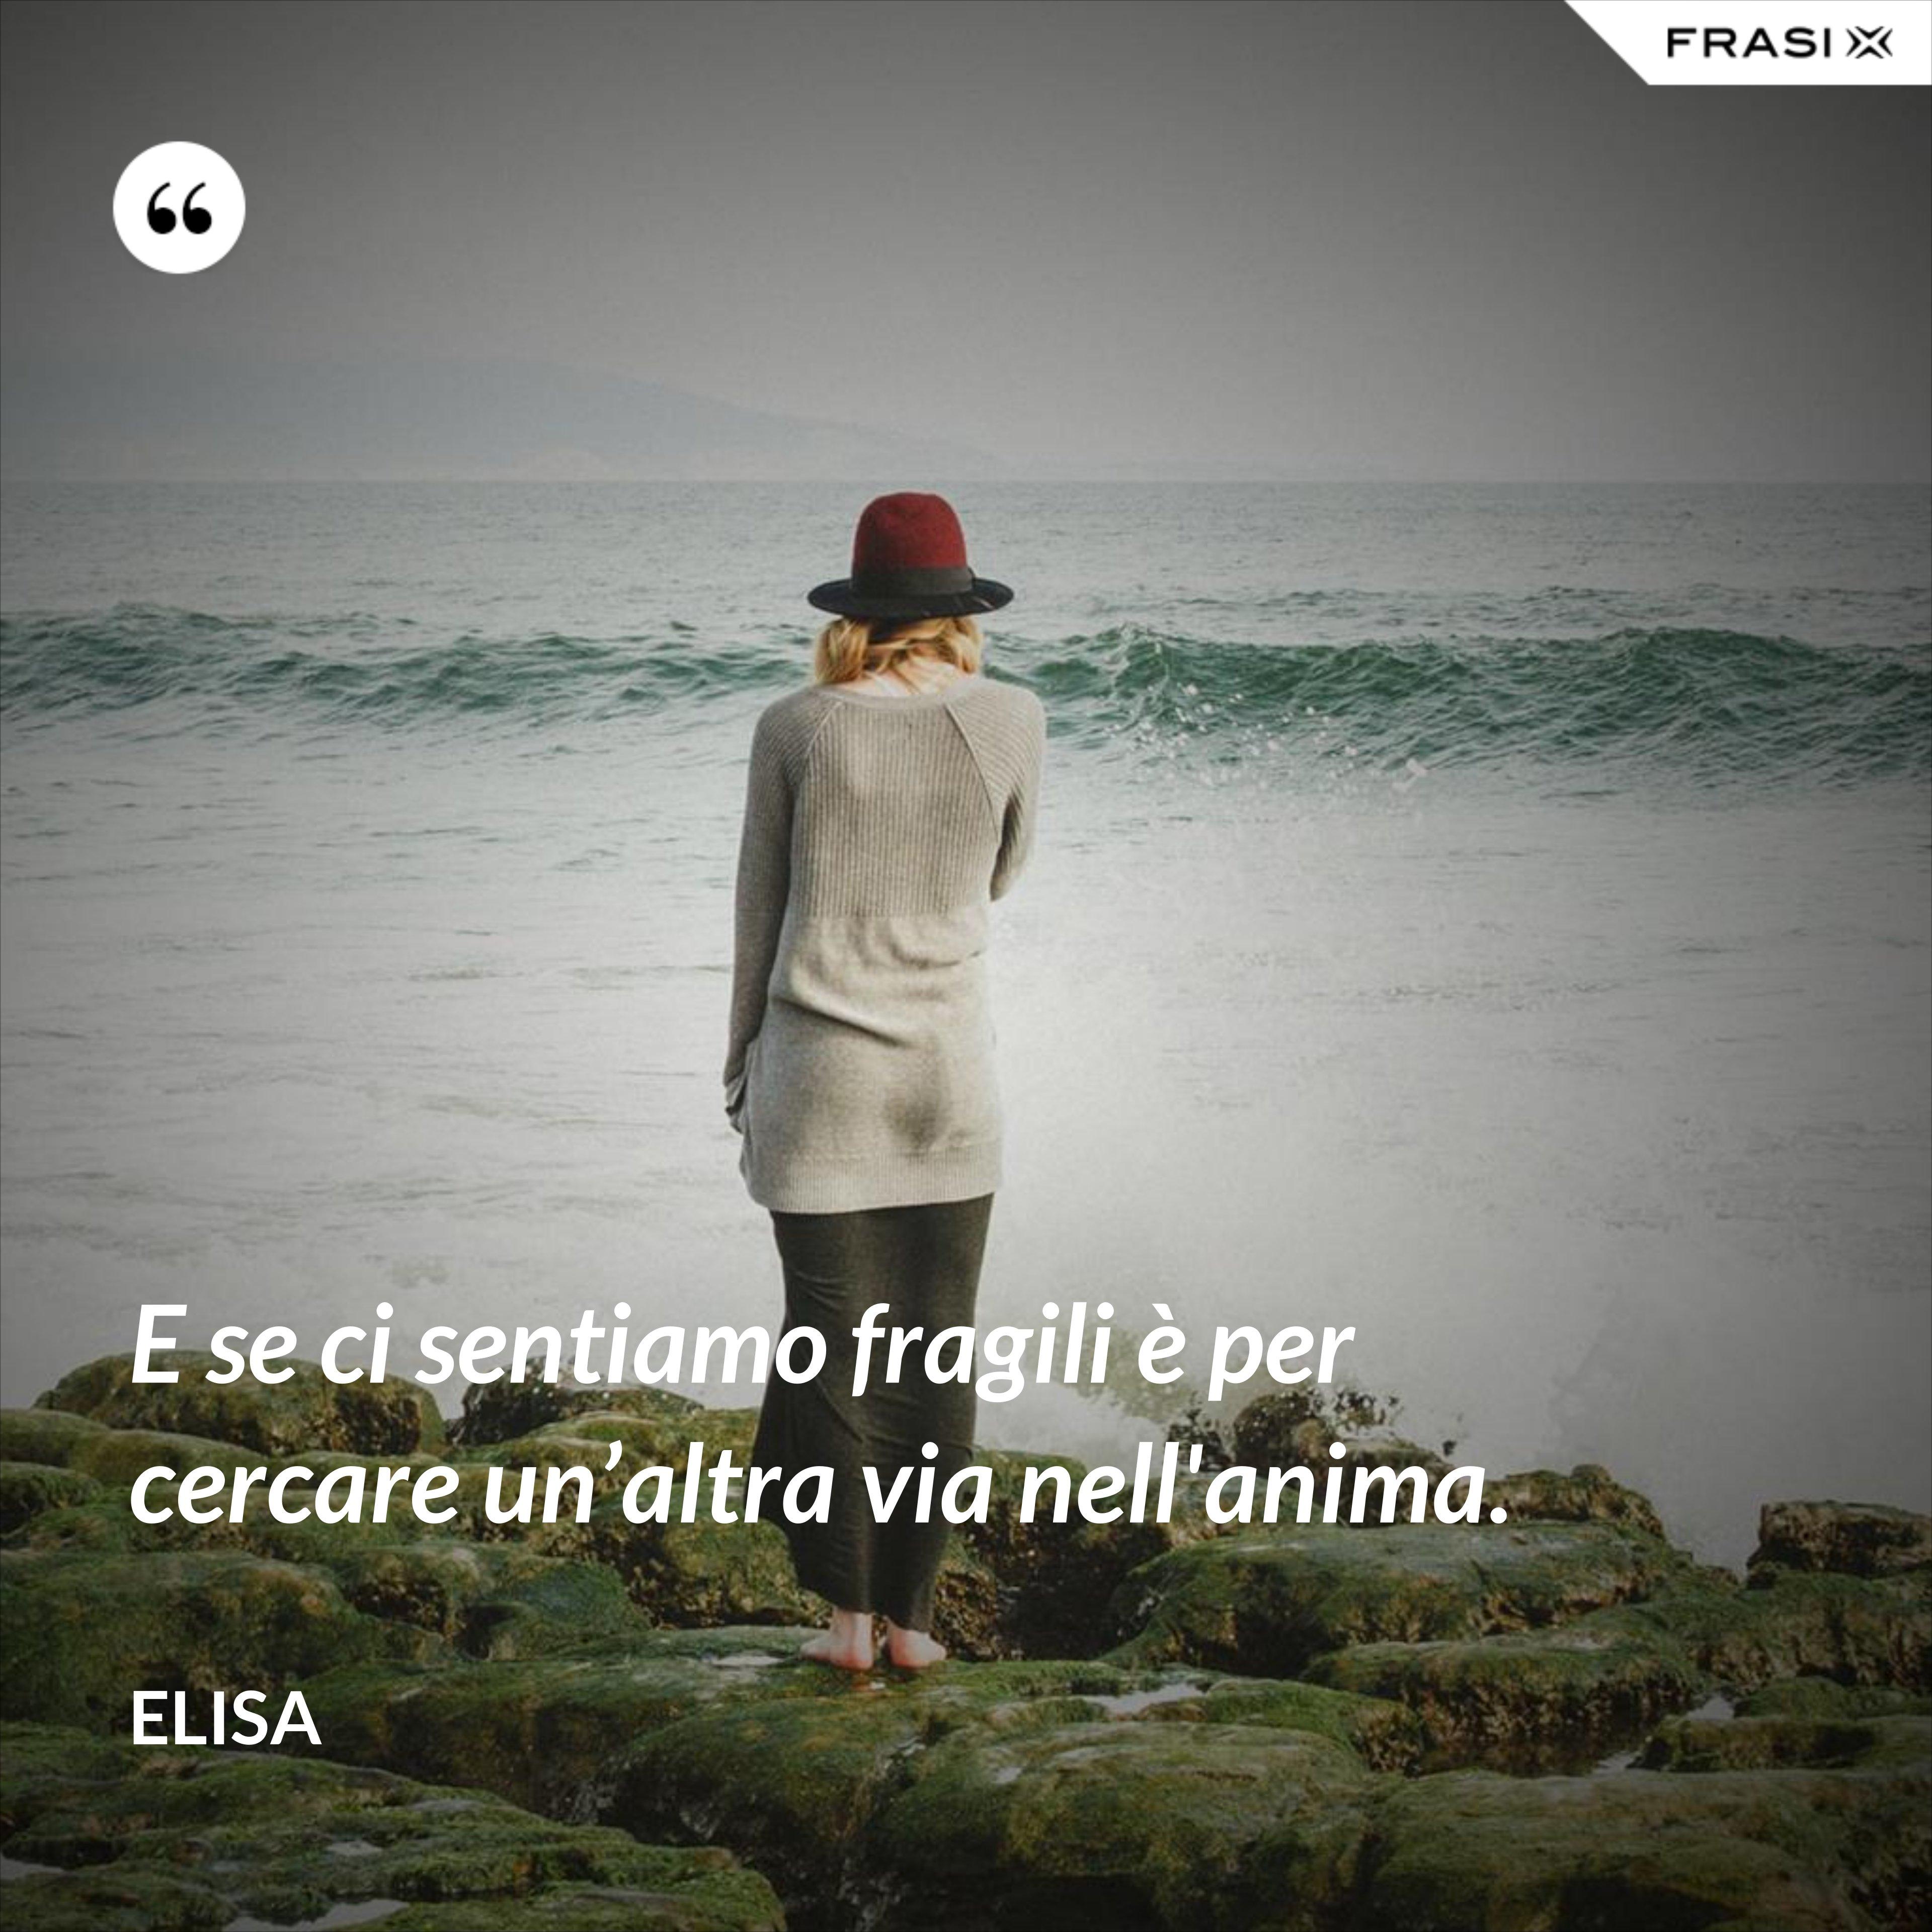 E se ci sentiamo fragili è per cercare un'altra via nell'anima. - Elisa